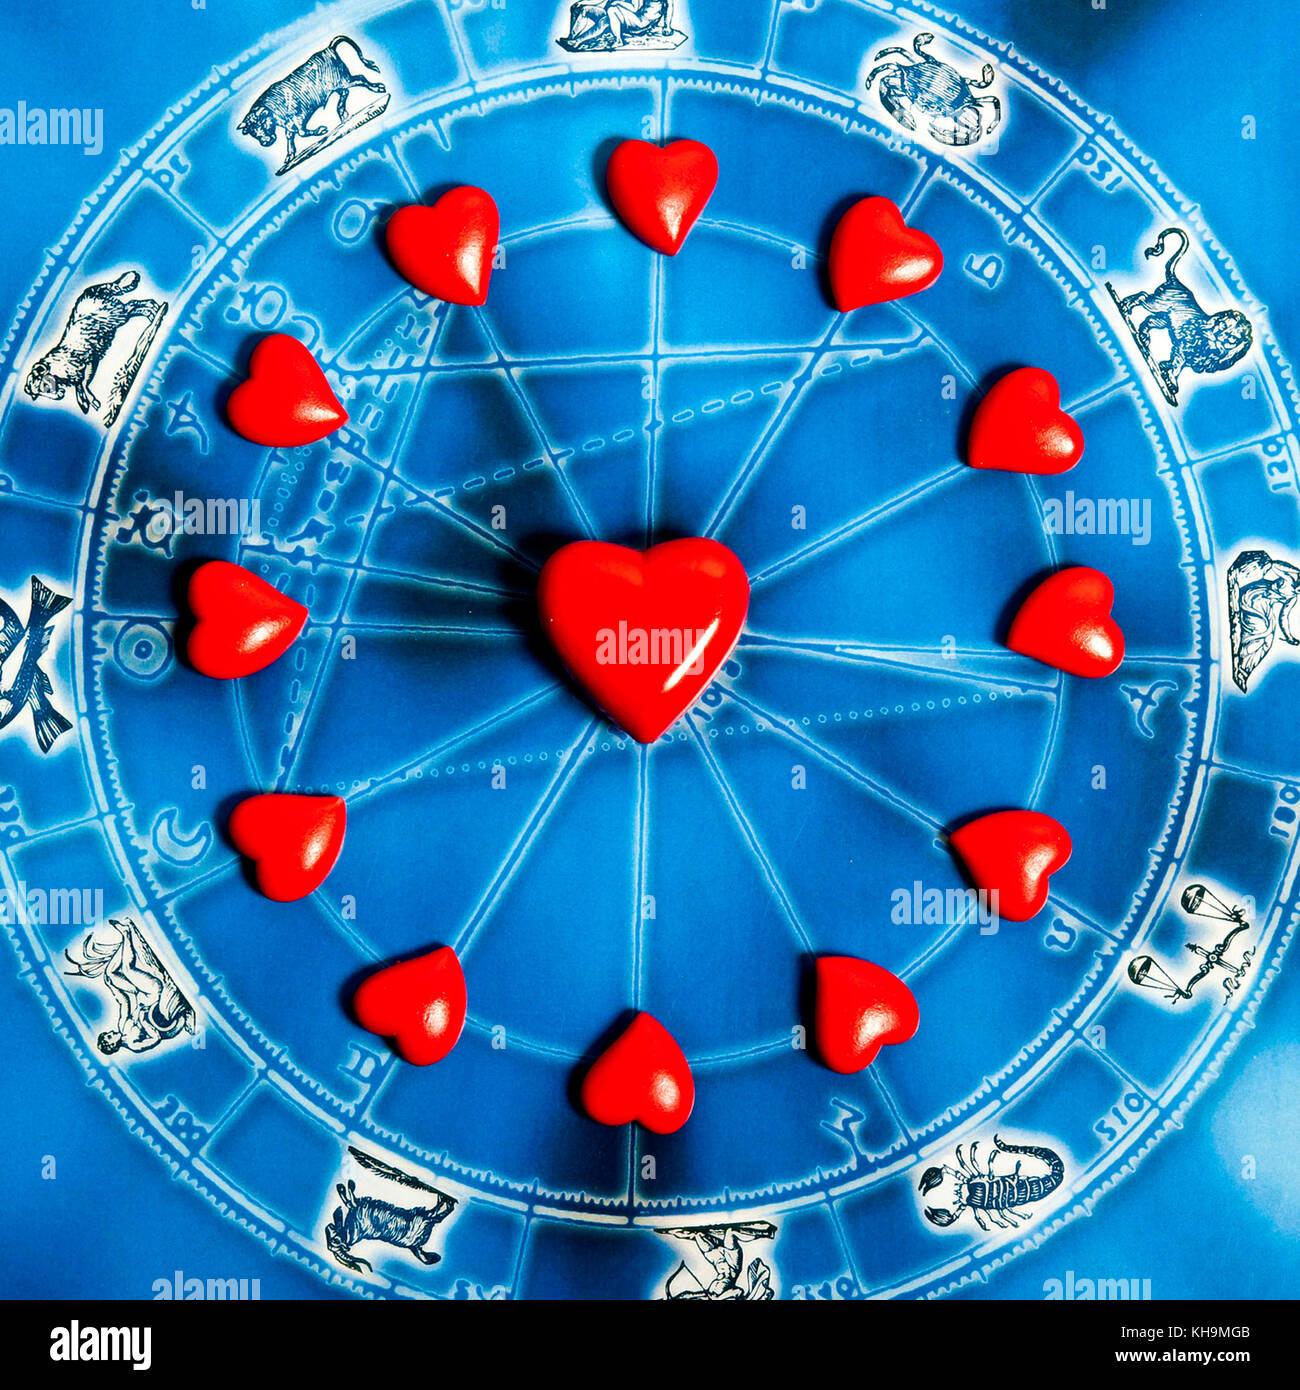 Grafico di astrologia con tutti i segni zodiacali e cuori, l amore per il concetto di astrologia Immagini Stock